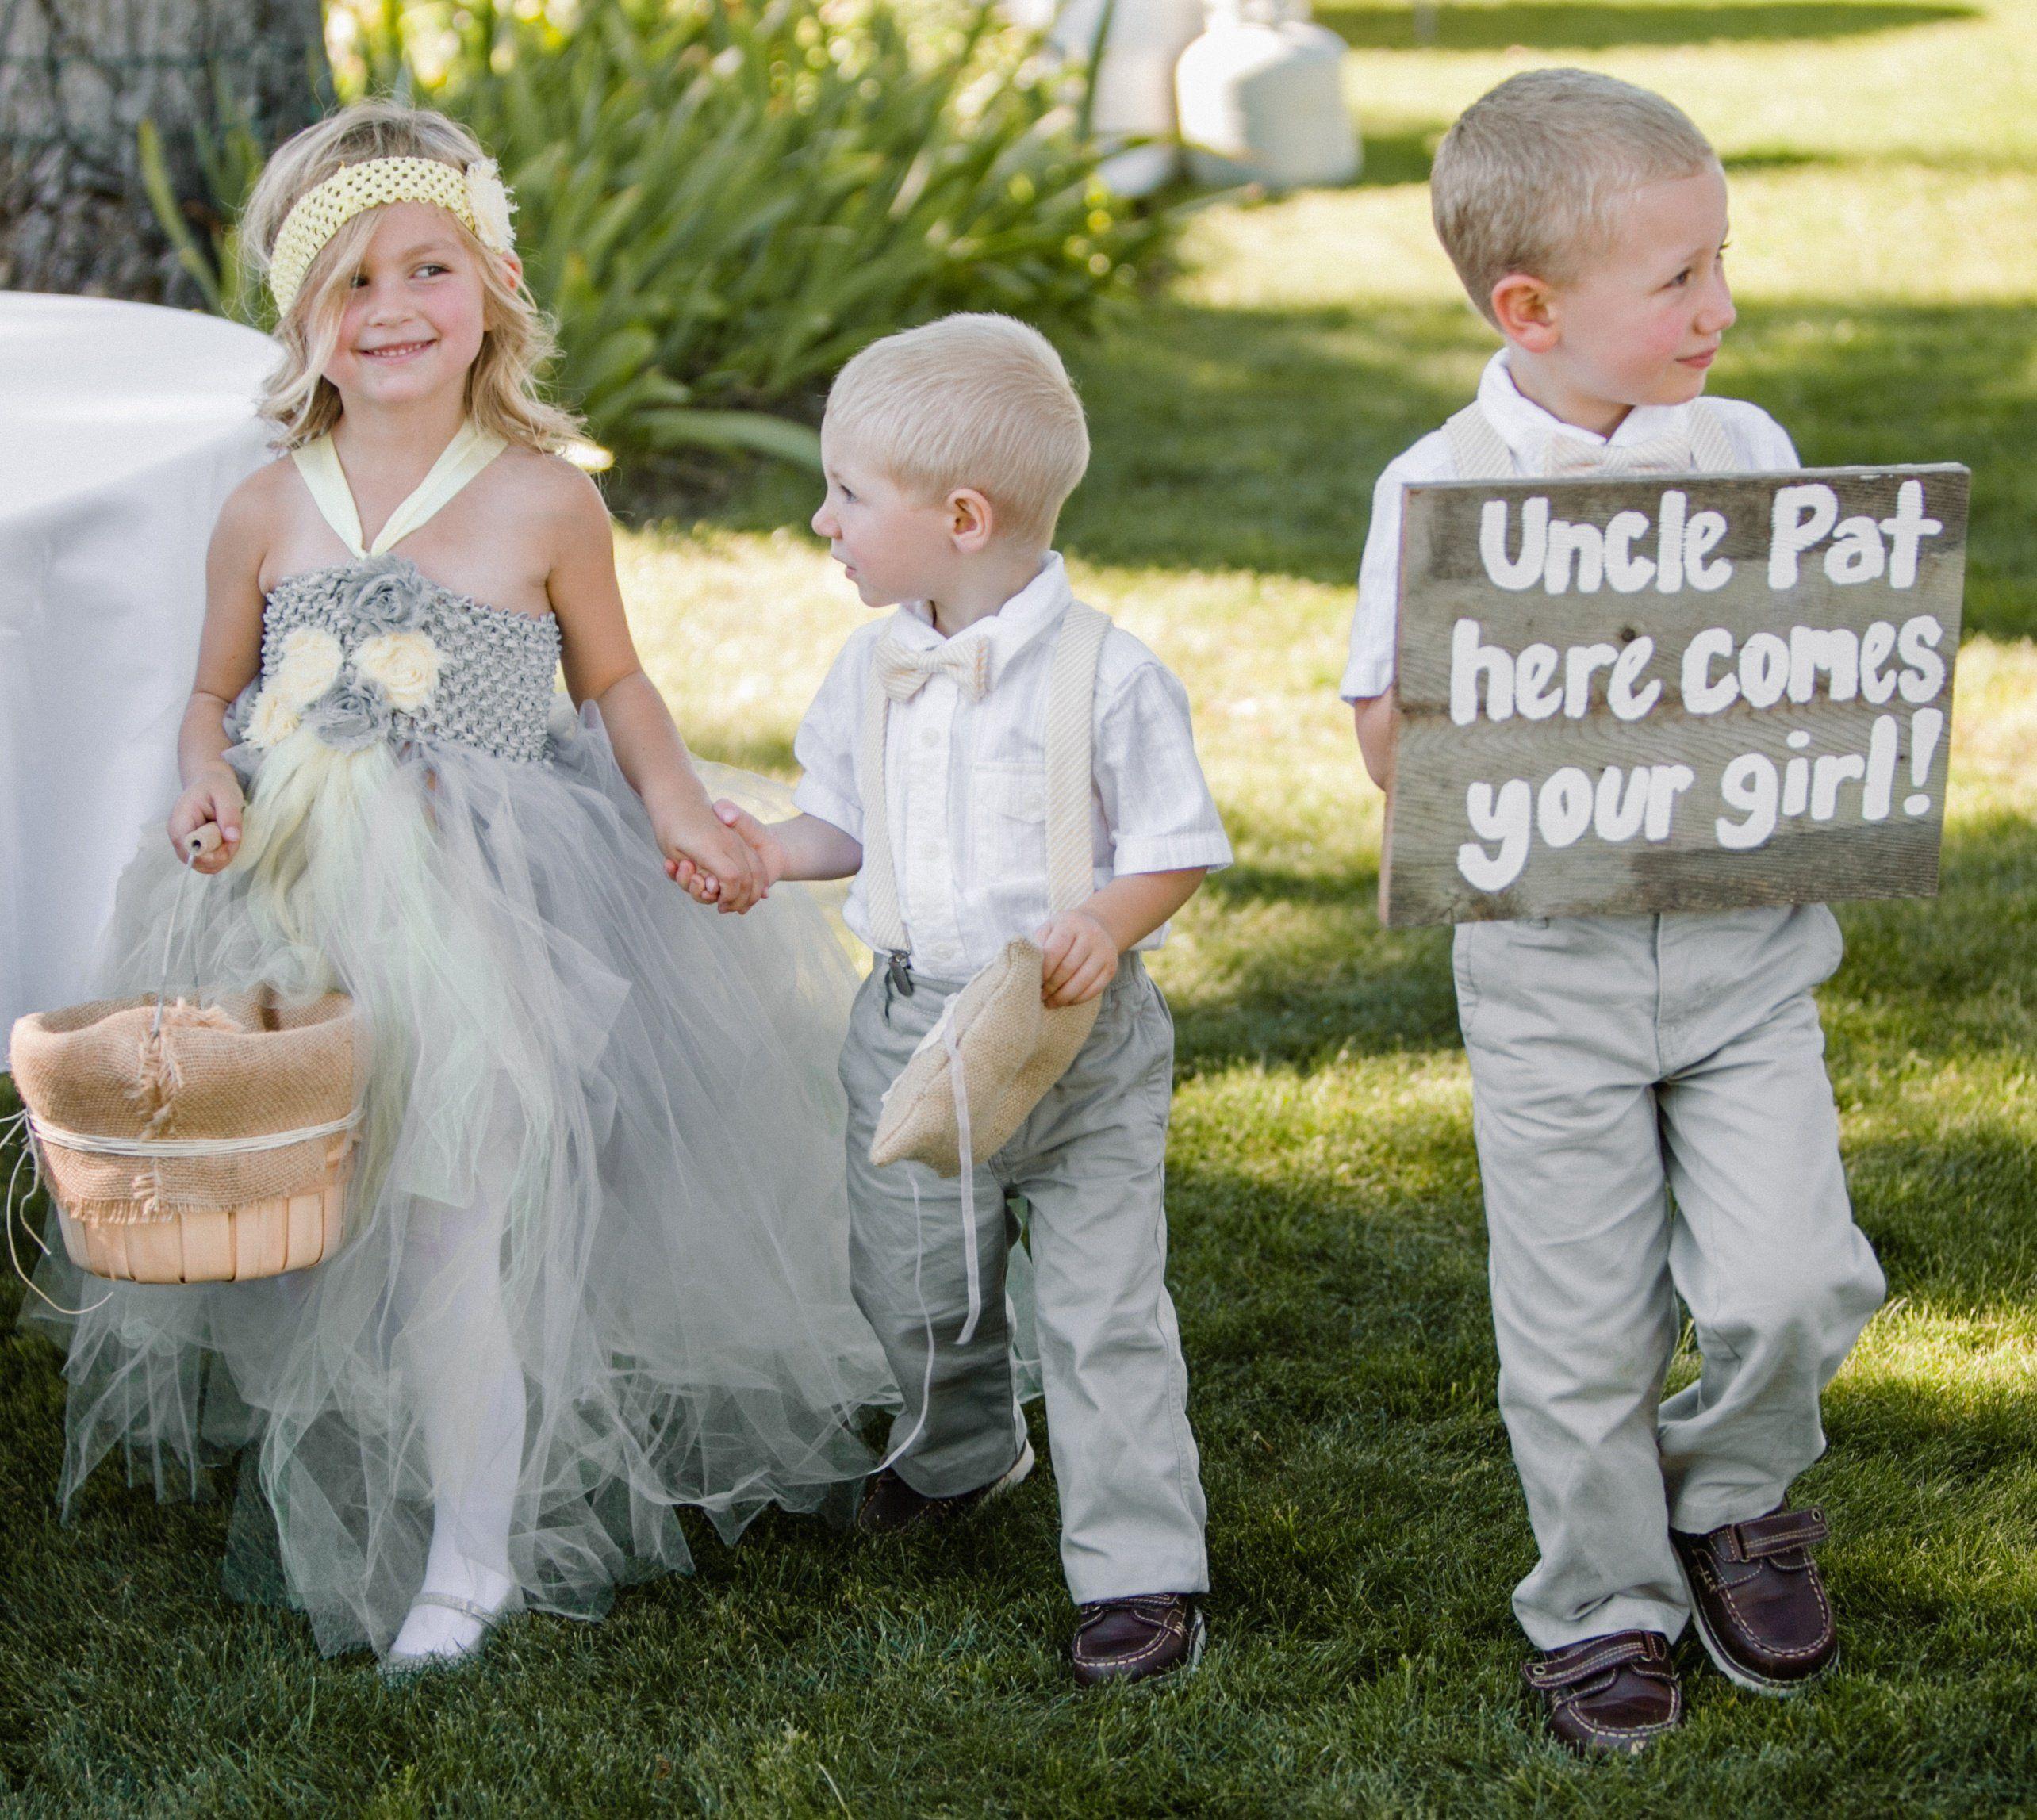 Rustic wedding flower girl dresses  Gray Flower Girl and Ring Bearer  wedding ideas  Pinterest  Grey